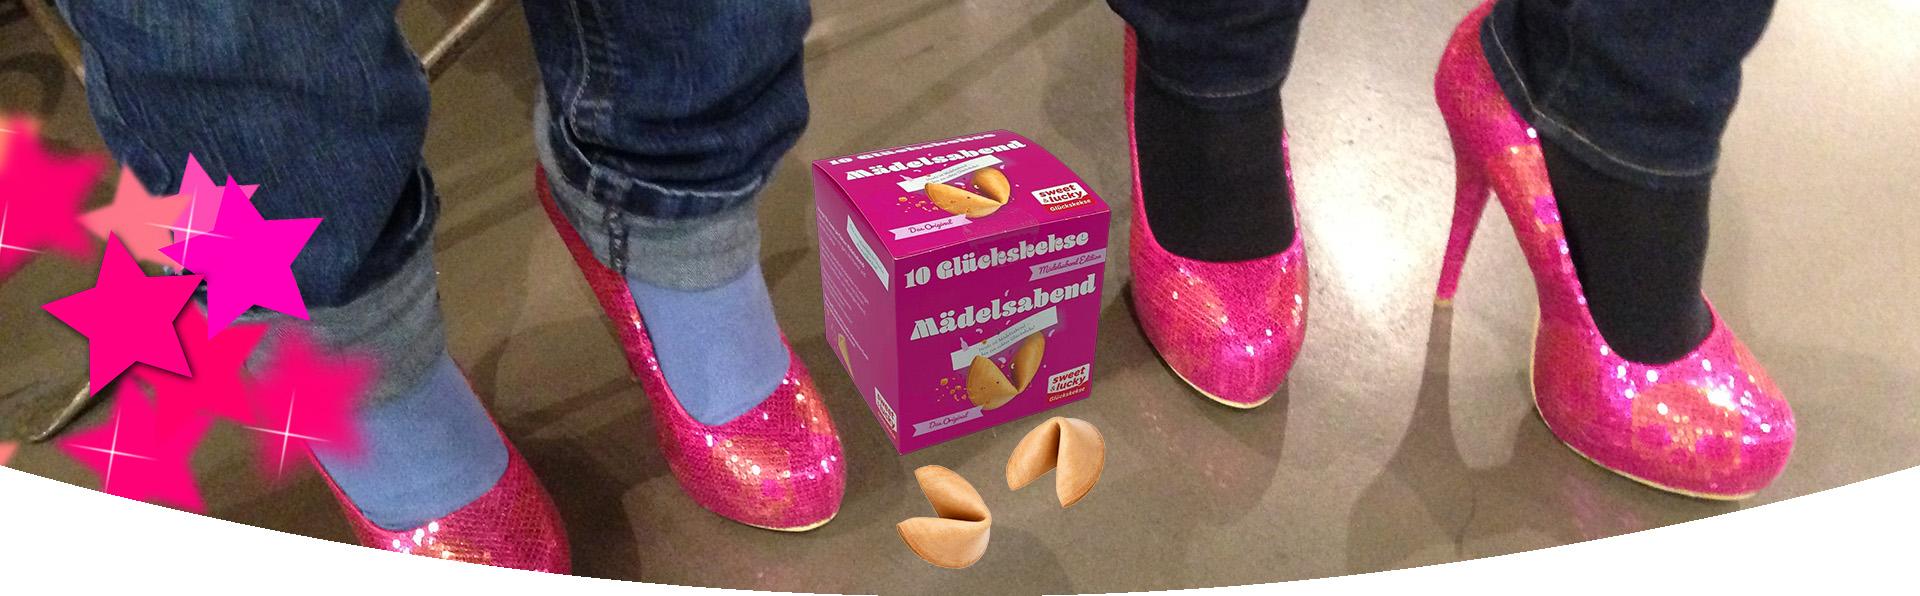 Mädelsabend-Glückskekse Faltschachtel mit Highheels in Pink